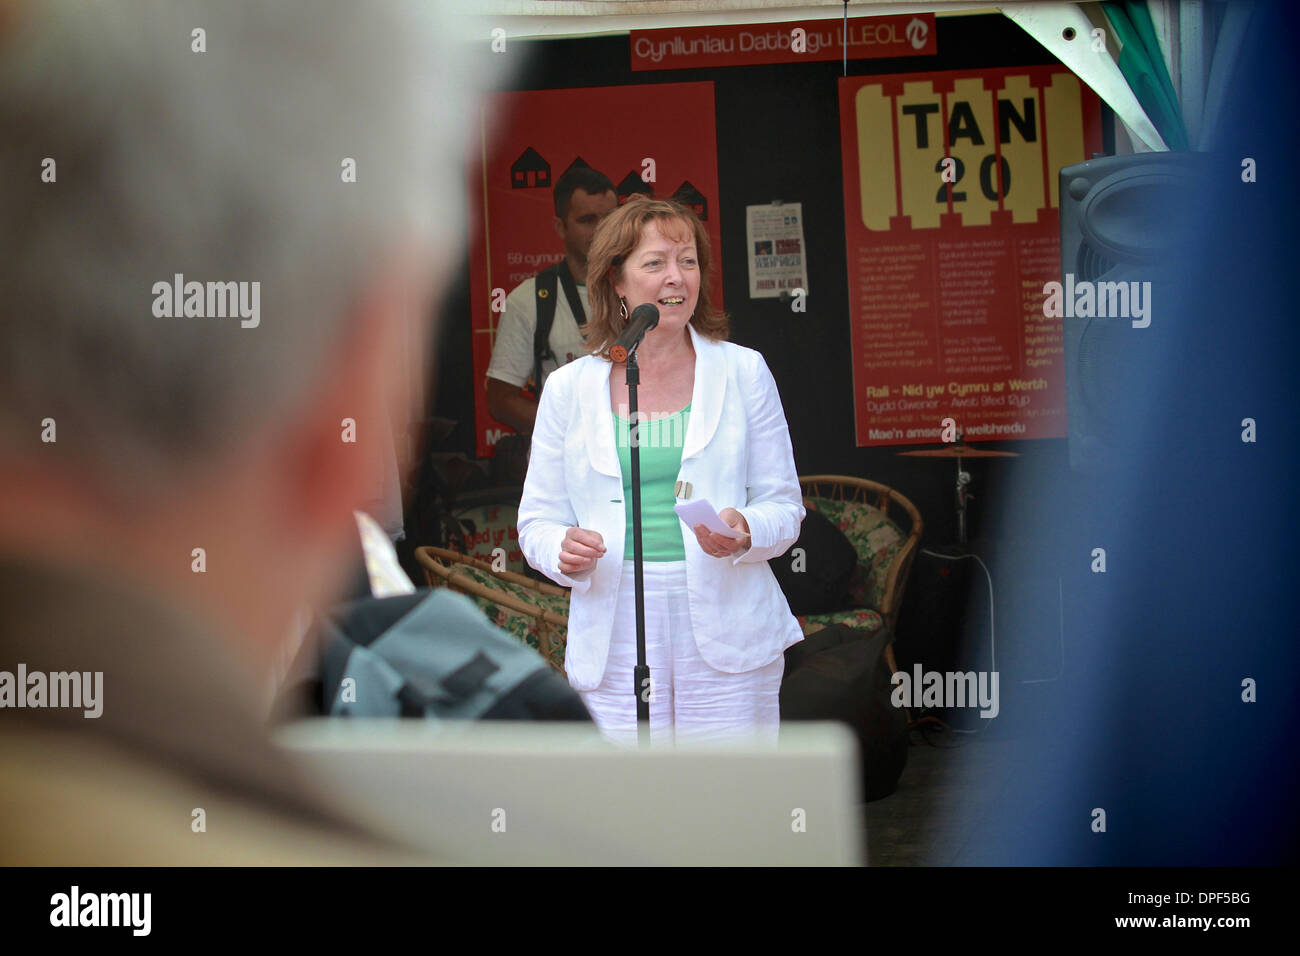 Jill Evans MEP, Plaid Cymru membro del Parlamento europeo per il Galles. Sedia di CND Cymru ex presidente di Plaid Cymru. Immagini Stock